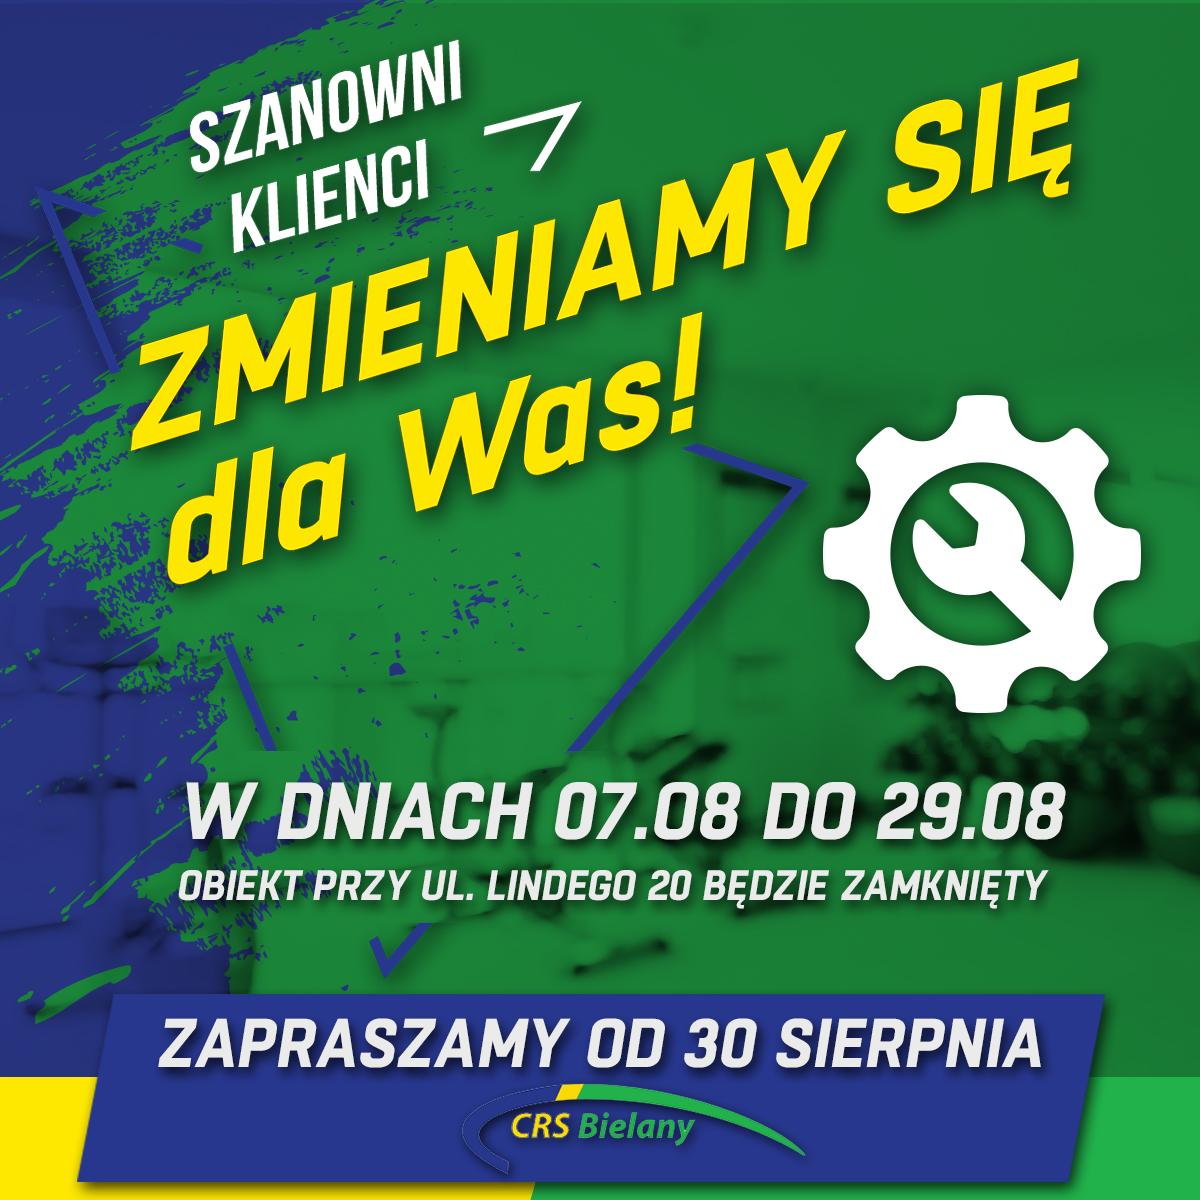 Grafika w kolorystyce zielono-niebieskiej informująca, że W CRS Bielany przy ulicy Lindego 20 niedługo rozpocznie się przerwa technologiczna. Potrwa ona od 7 do 29 sierpnia.